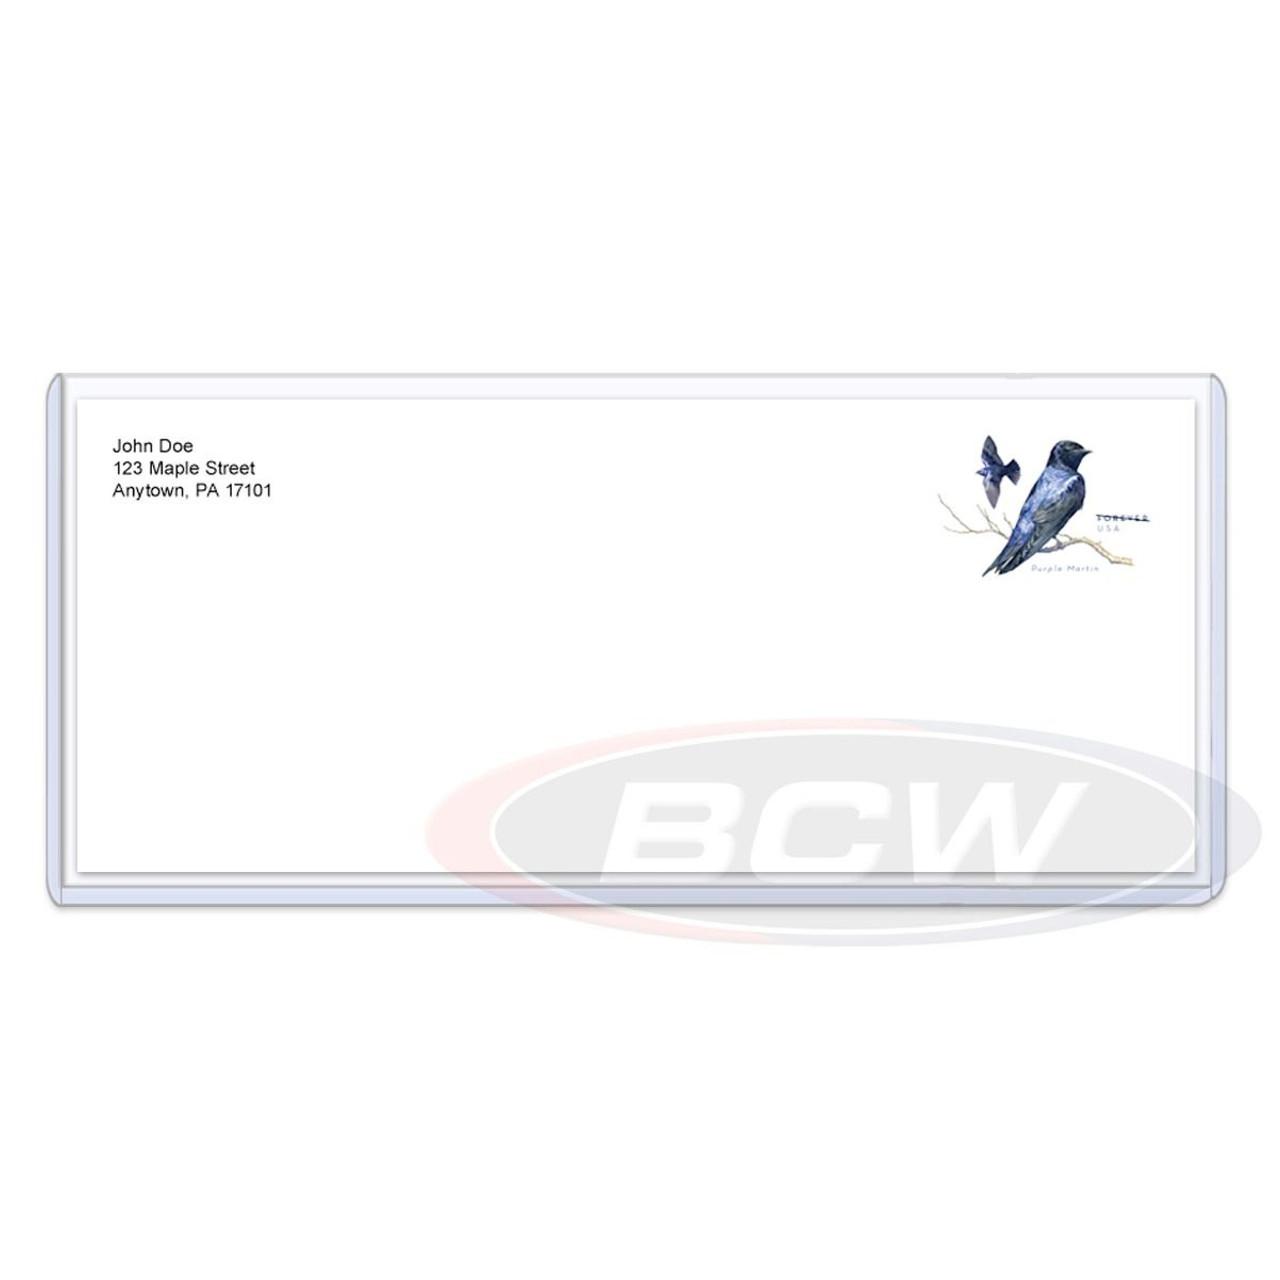 BCW Business Envelope #10 Topload Holder (25ct)